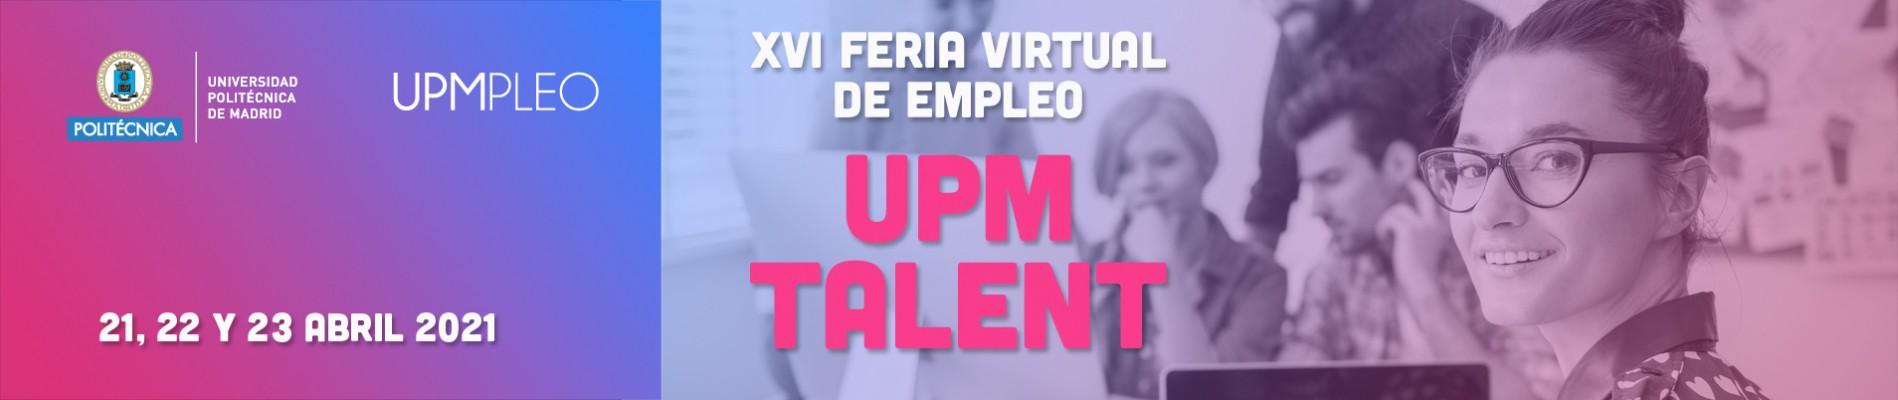 Banner UPM Talent